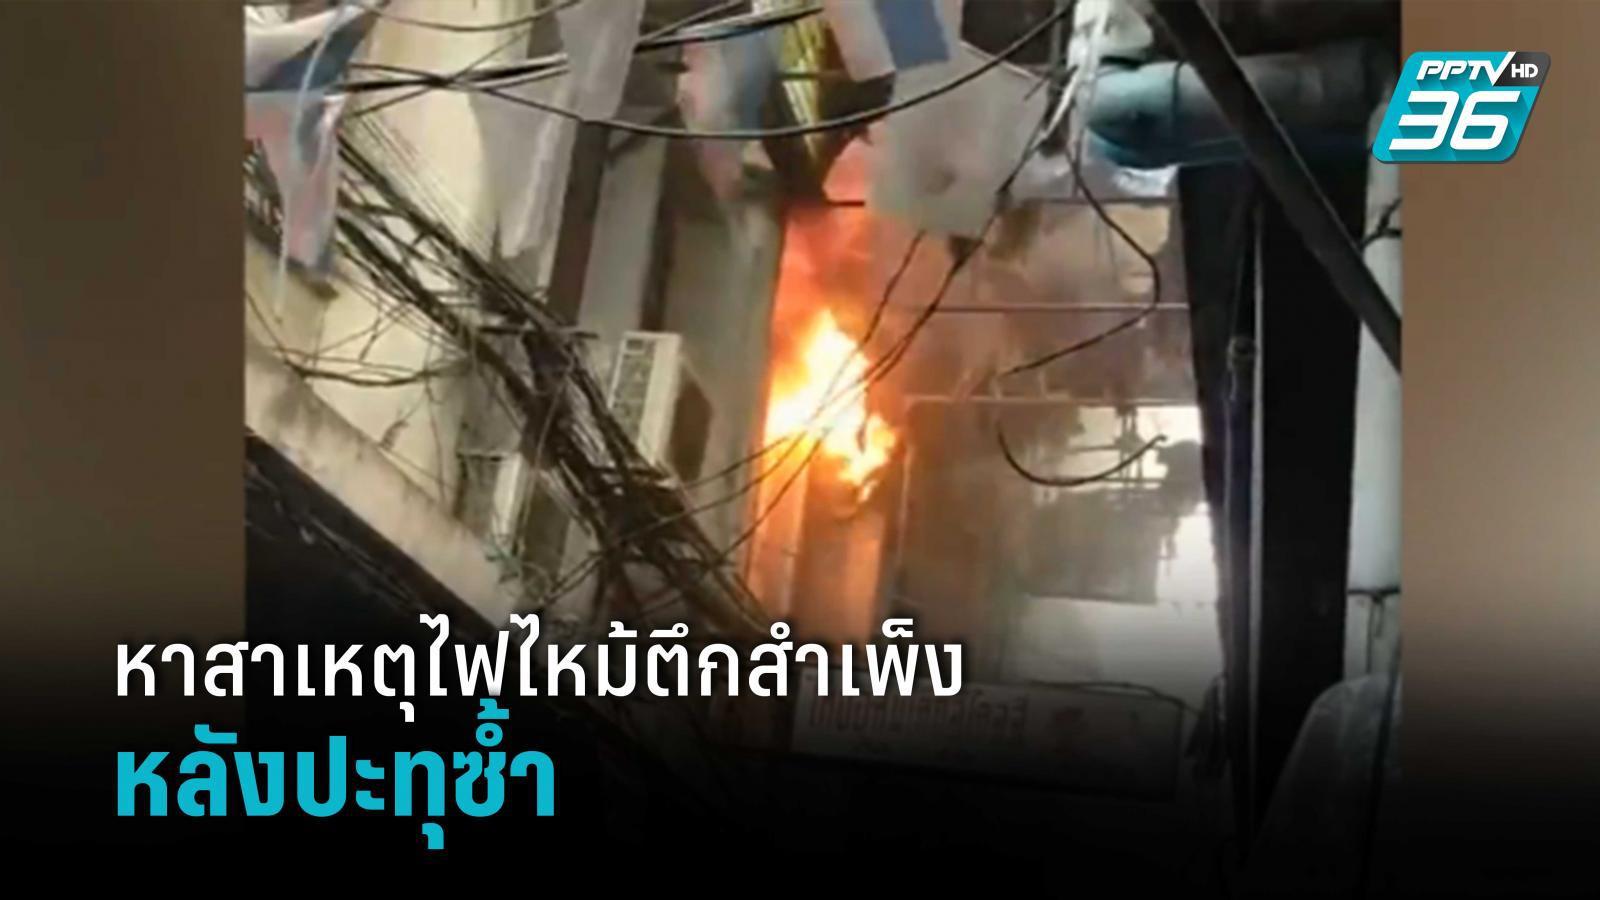 เร่งหาสาเหตุไฟไหม้ตึกสำเพ็ง หลังปะทุซ้ำ